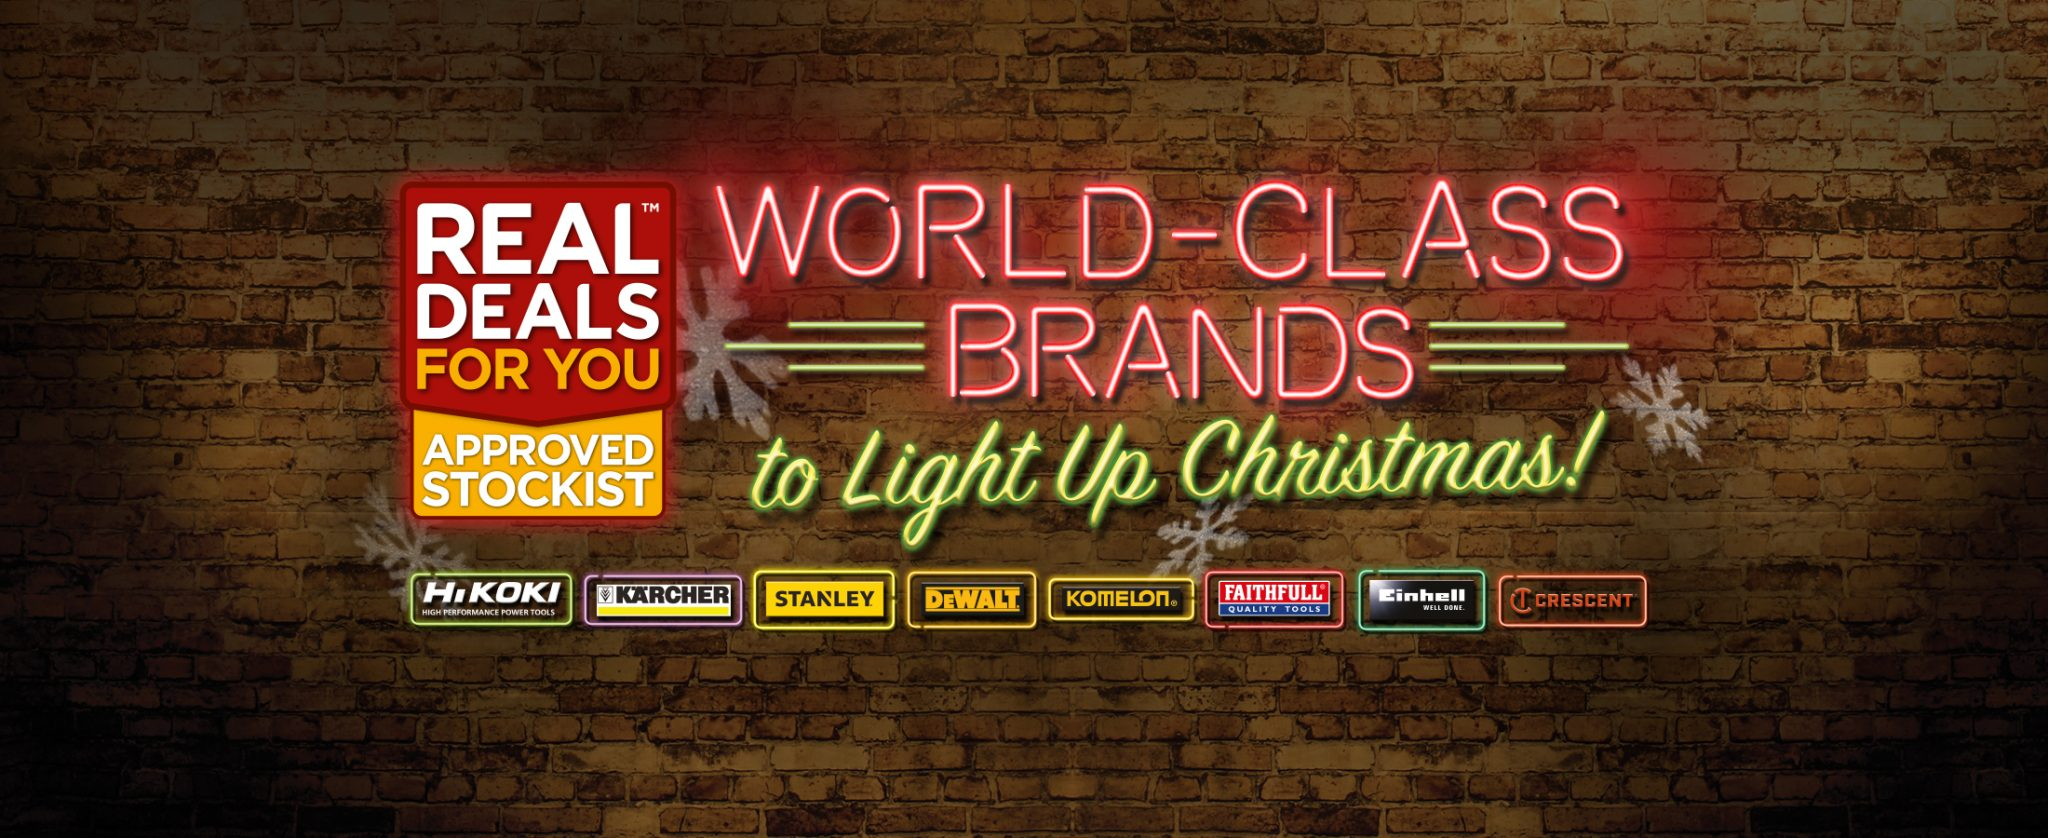 World-class brands web banner 2200x900px 72dpi